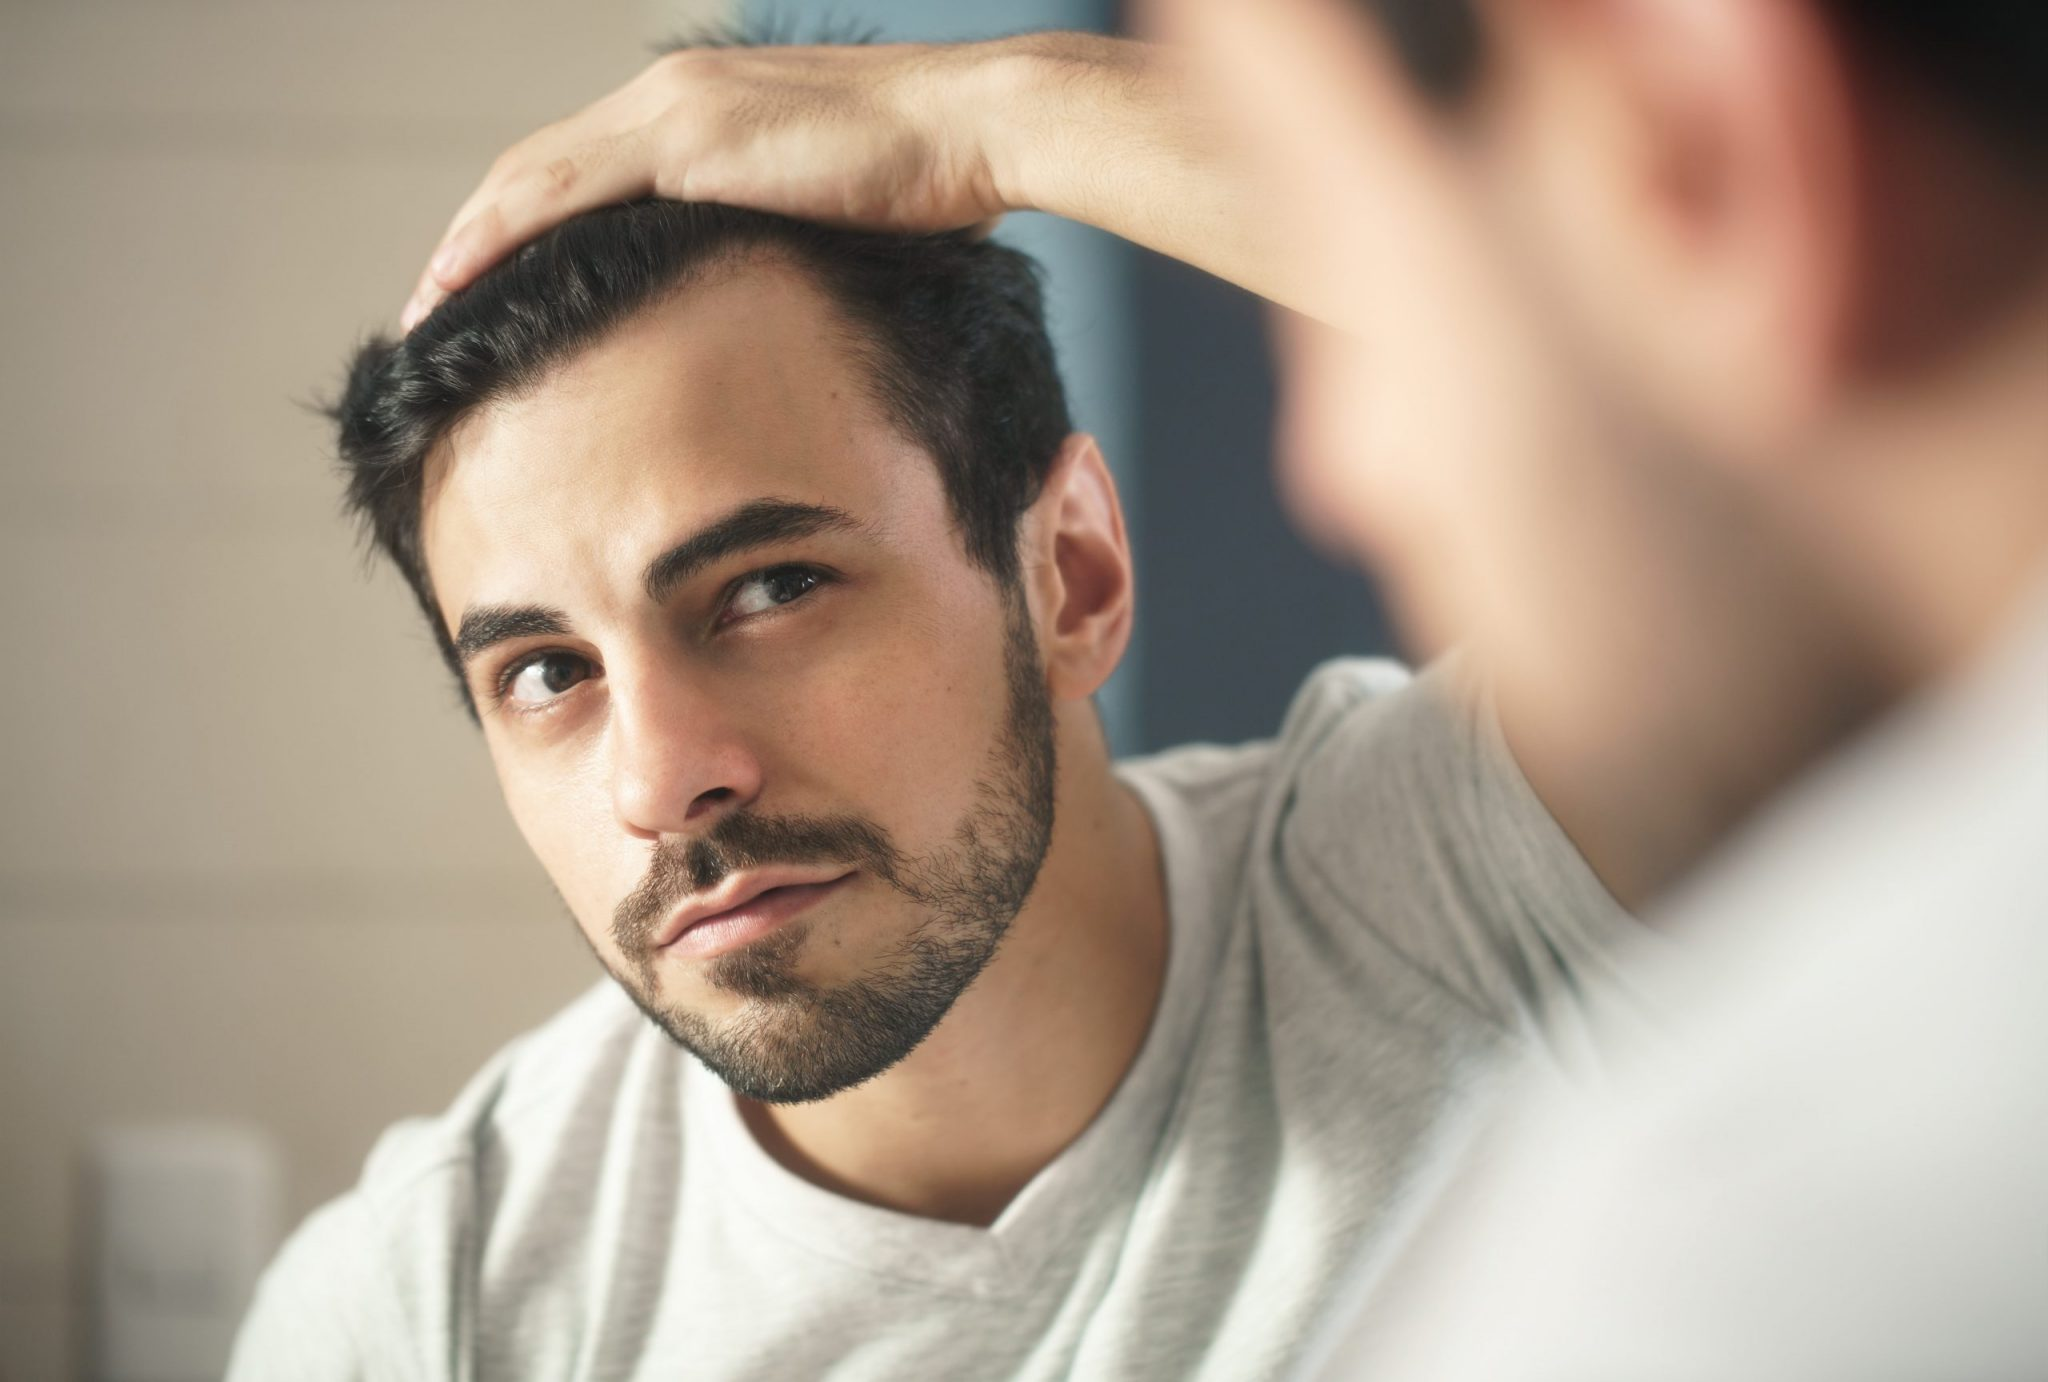 甩頭髮-脫髮-原因-治療